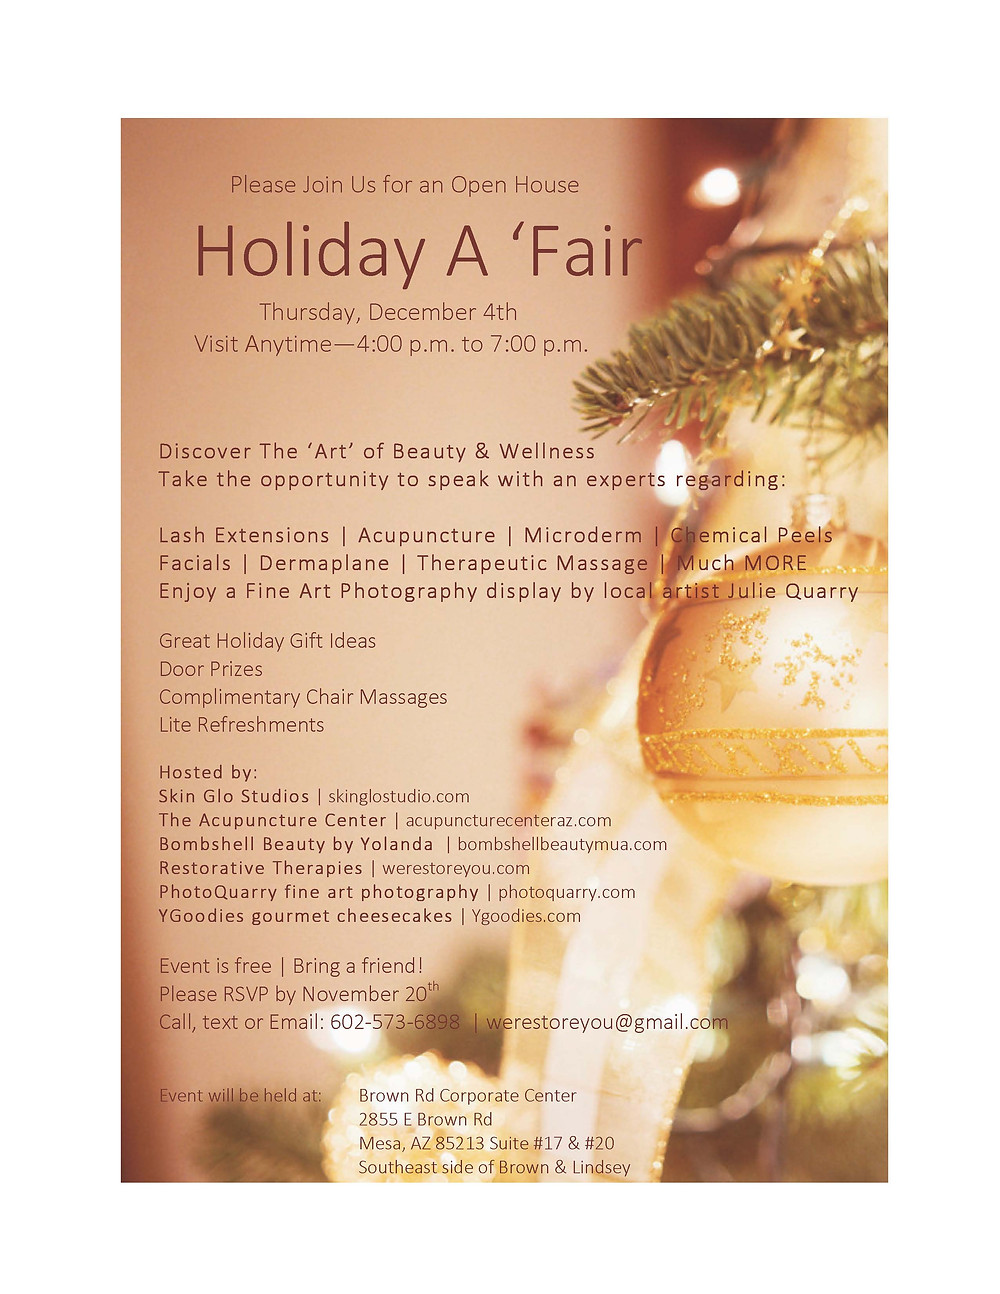 Holiday party invitation_3.jpg